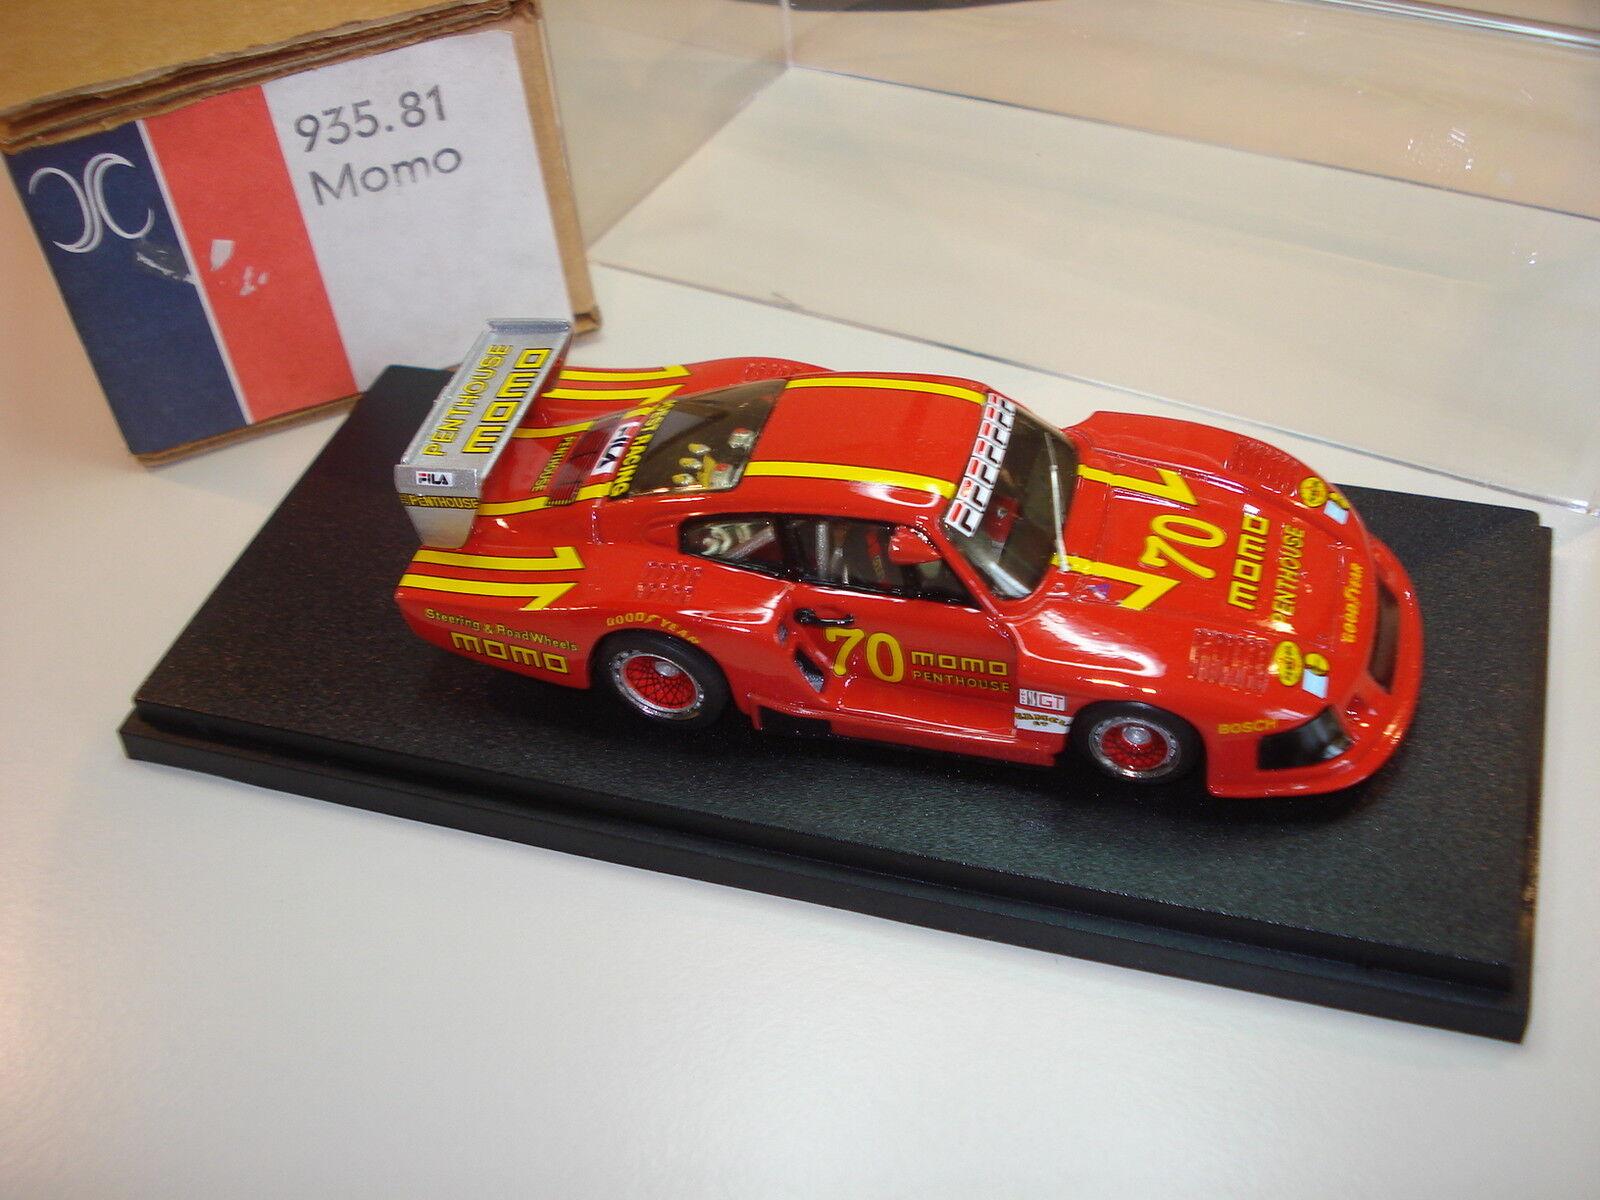 Porsche 935 / 81 Momo Nr. 70 DRM 1981 Norisring 1/43 Kit built AMR Kit